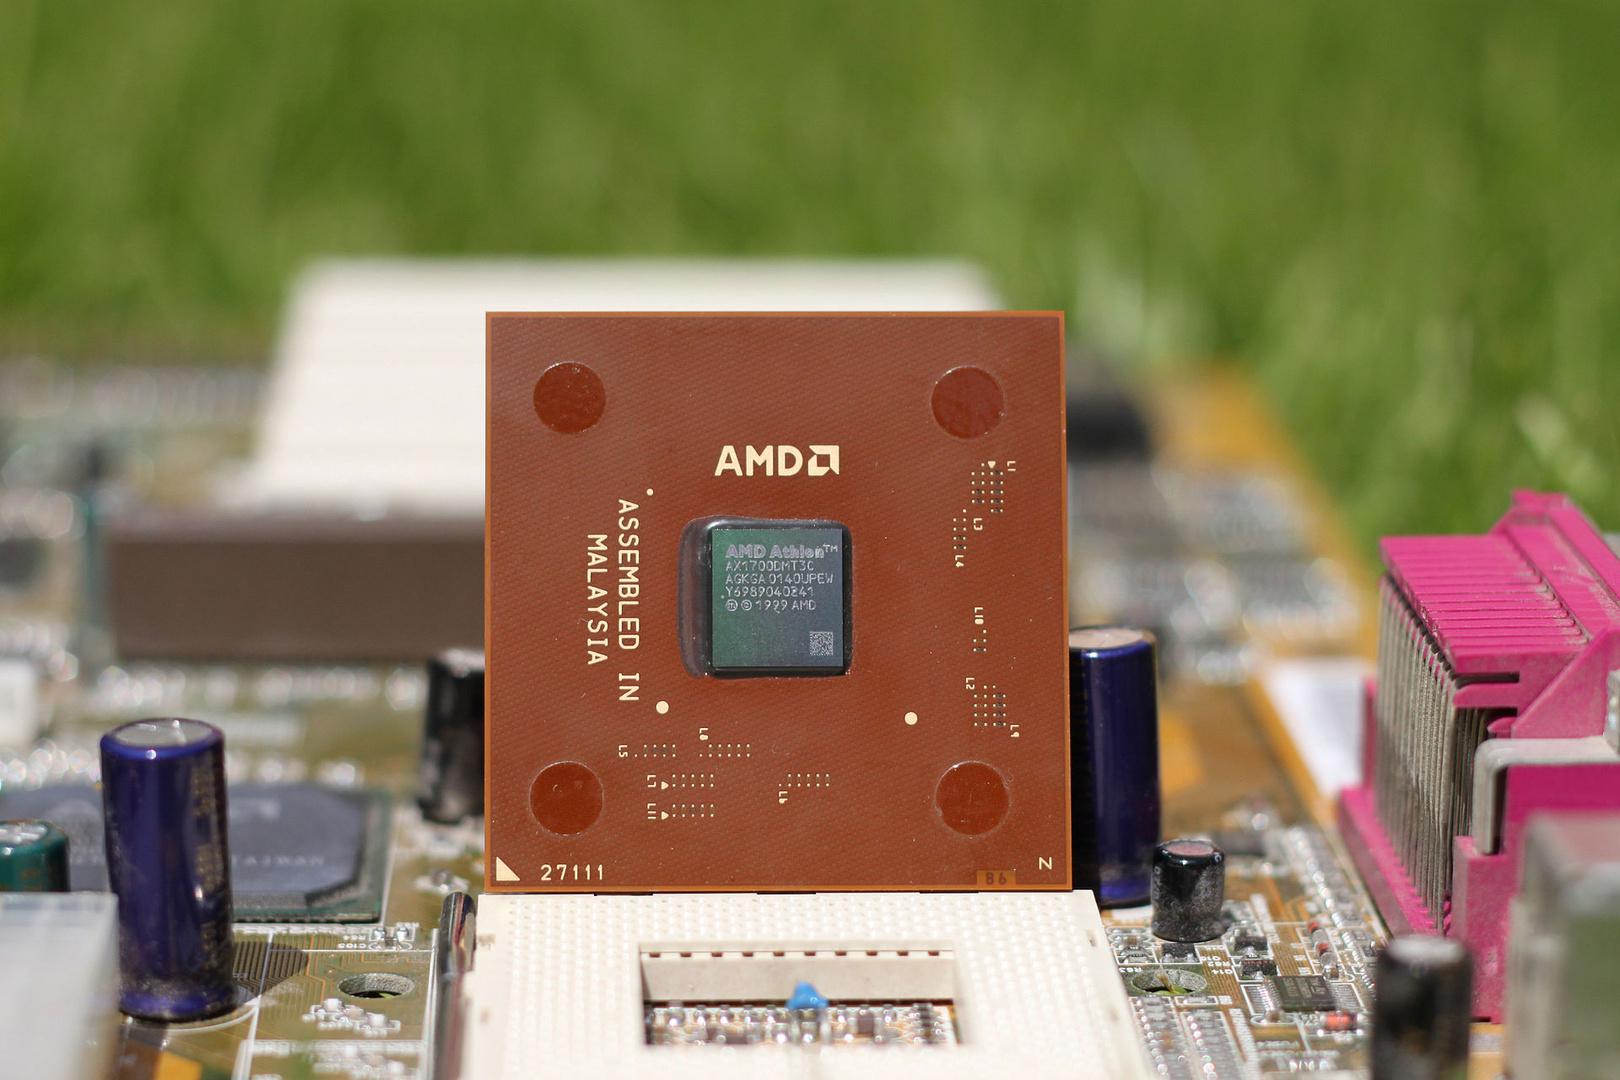 Half-Life 2 verlangte nach einer CPU mit mindestens 1,4 GHz wie diesem AMD Athlon XP 1700+